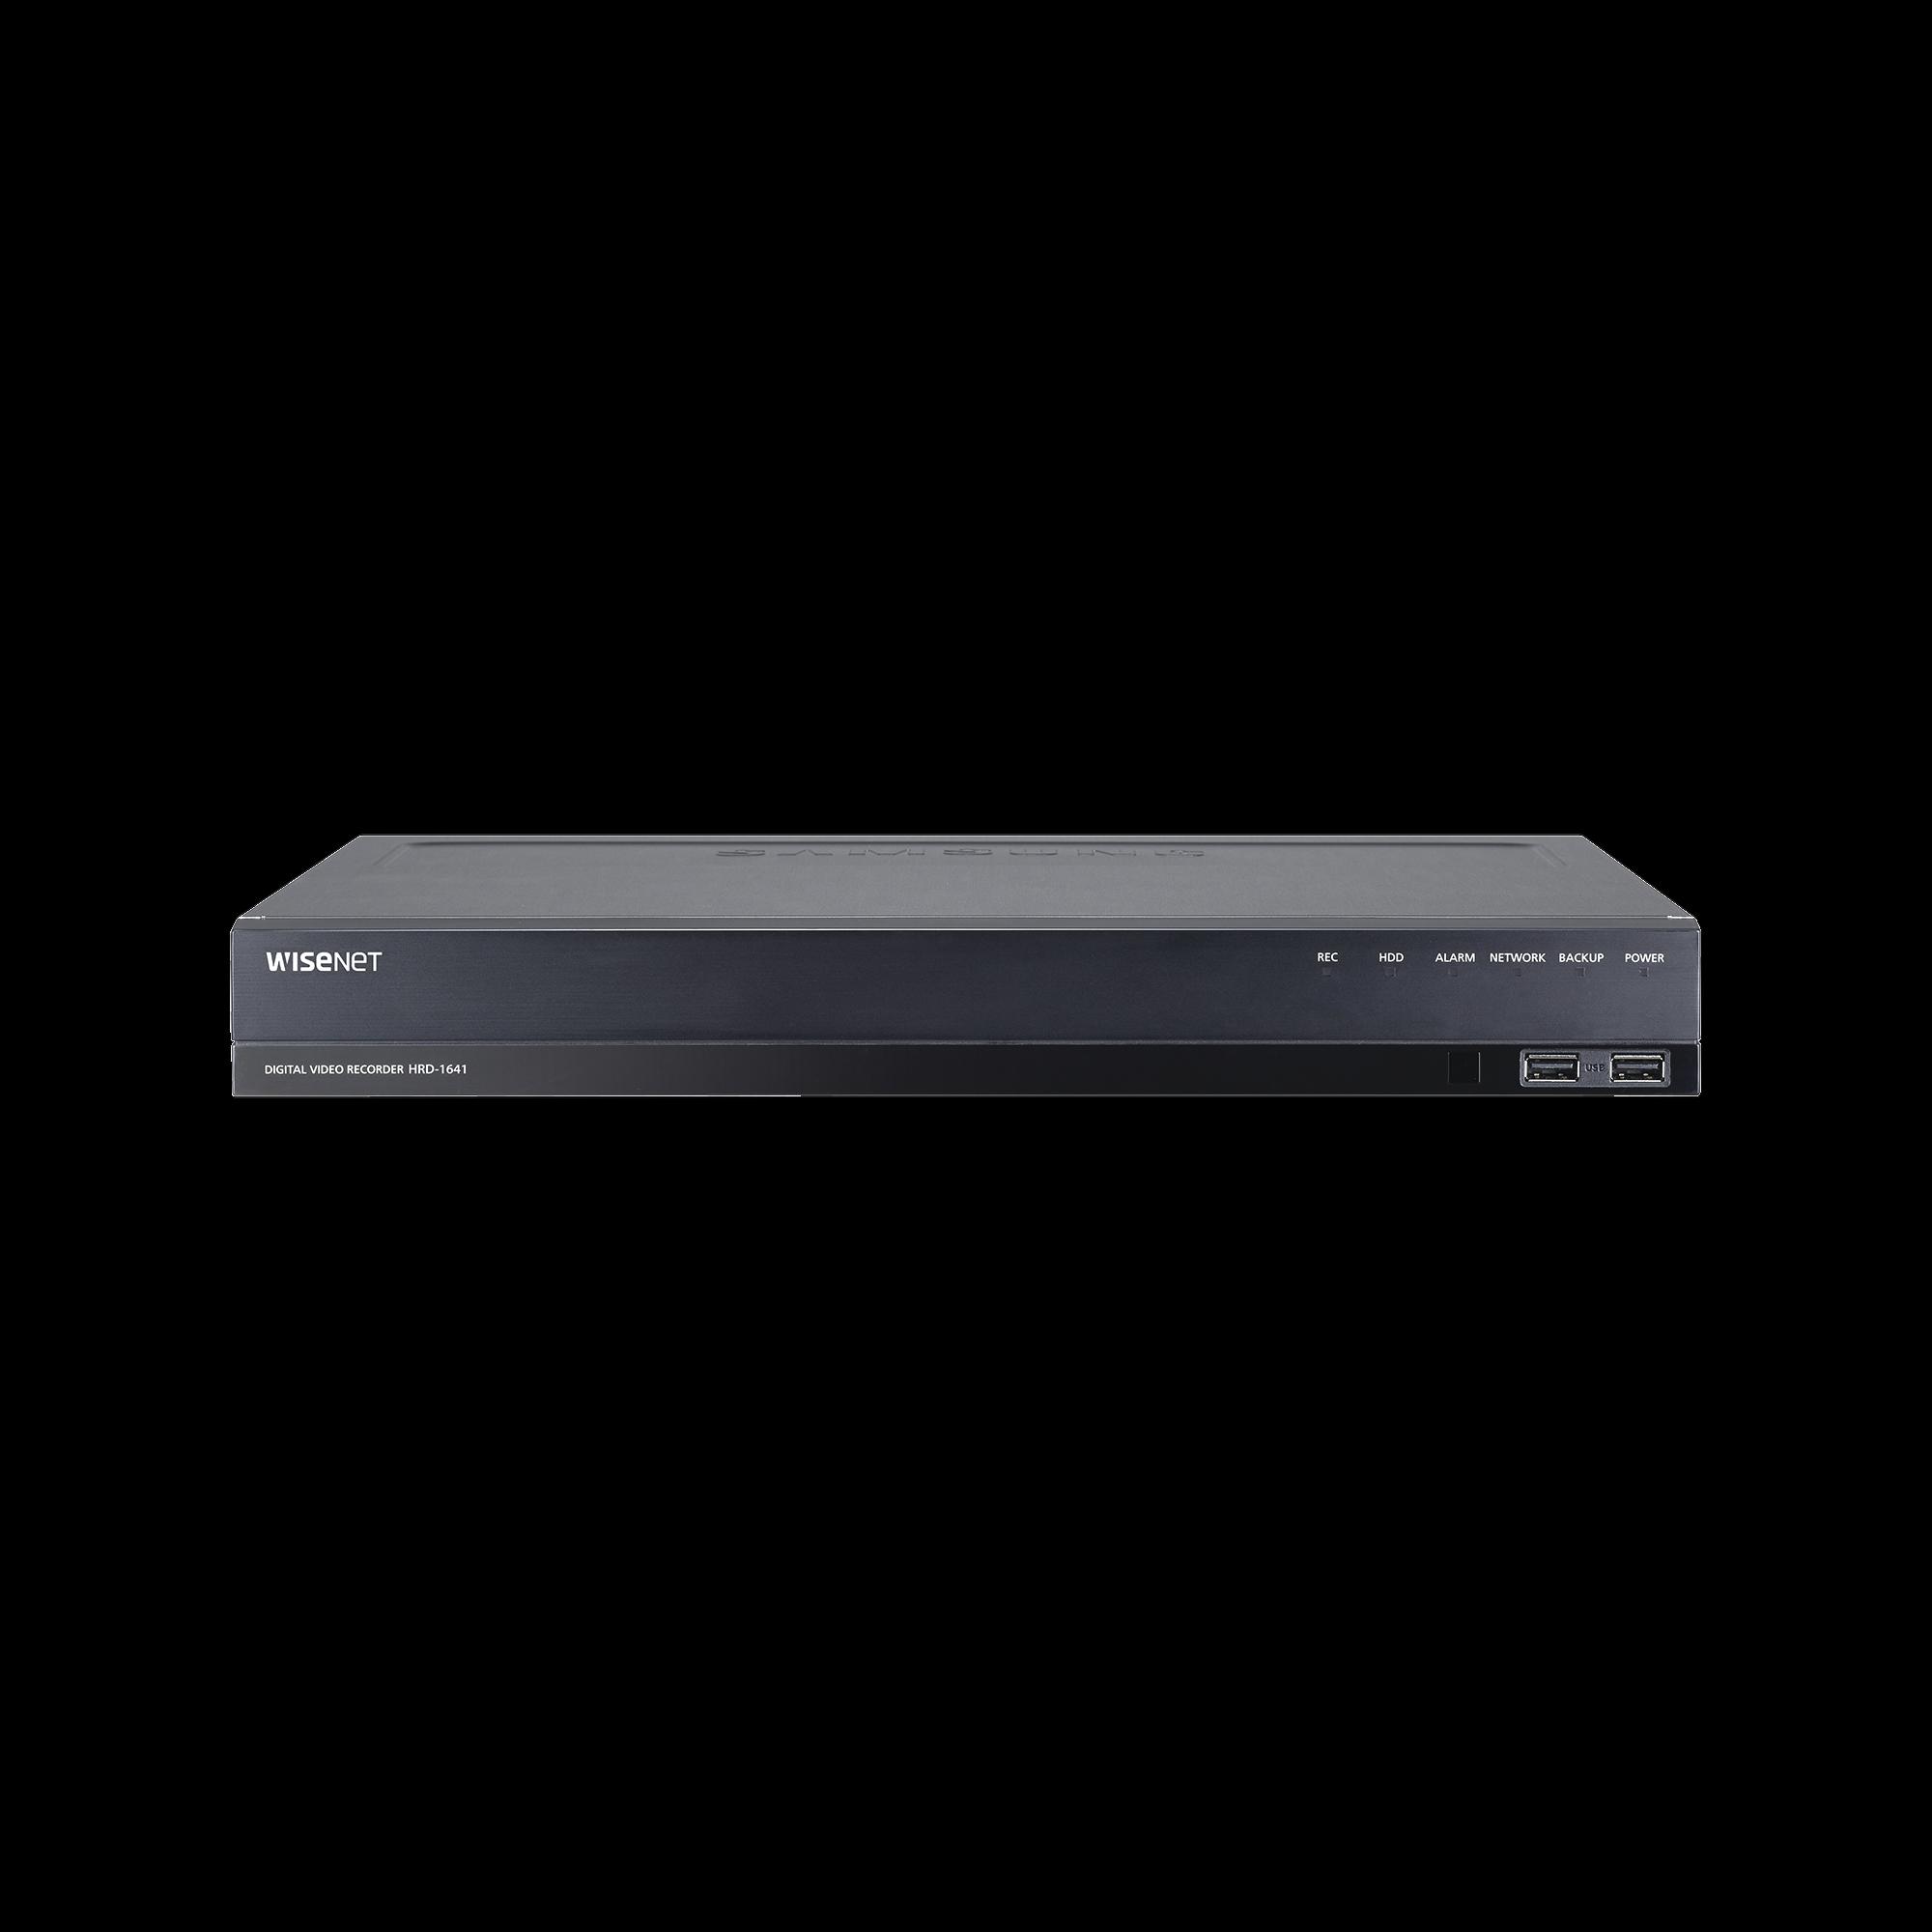 DVR 16 Canales hasta 4 Megapixel / Soporta 4 Tecnologías (AHD, TVI, CVI, CVBS) / Hasta 2HDDs / Entradas y Salidas de Audio y Alarma